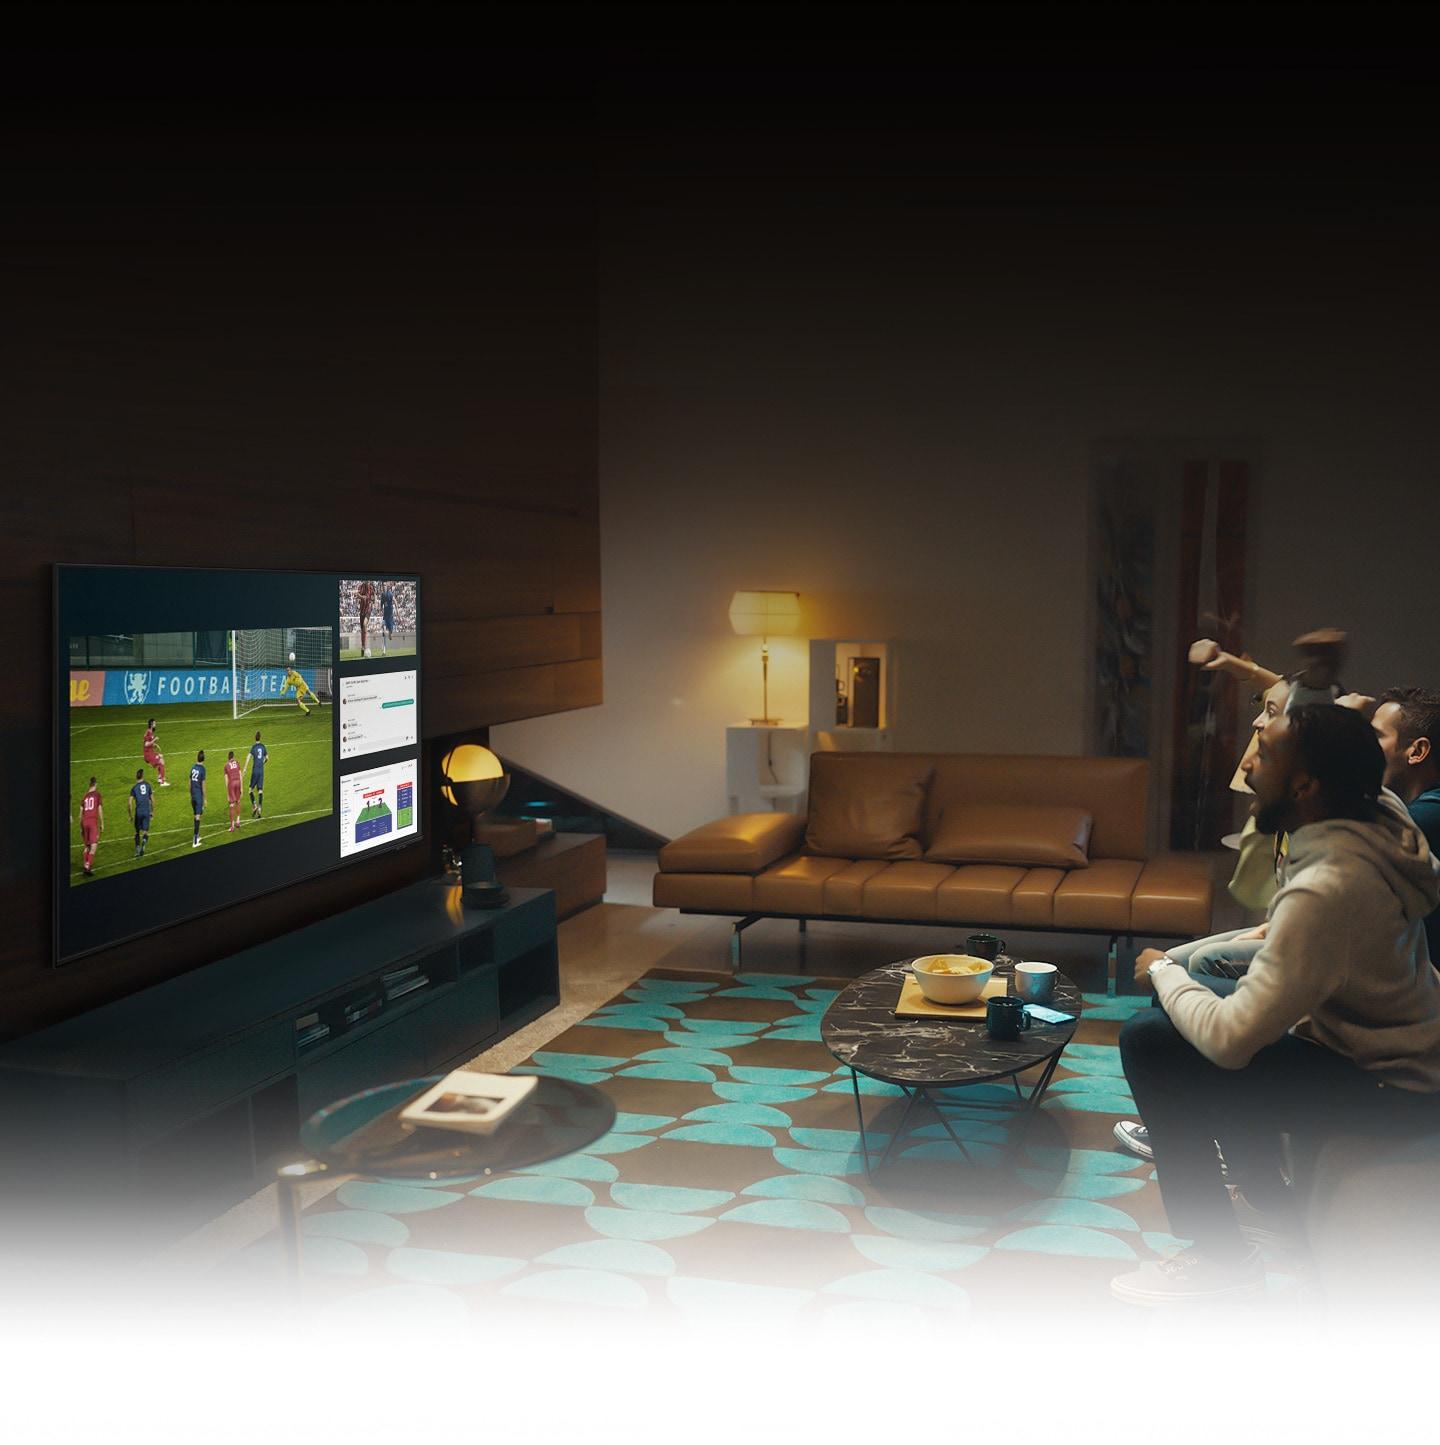 Một nhóm người sử dụng tính năng Multi View của TV QLED để thưởng thức một trận bóng đá và xem thông tin từng trận cùng một lúc trên cùng một màn hình.